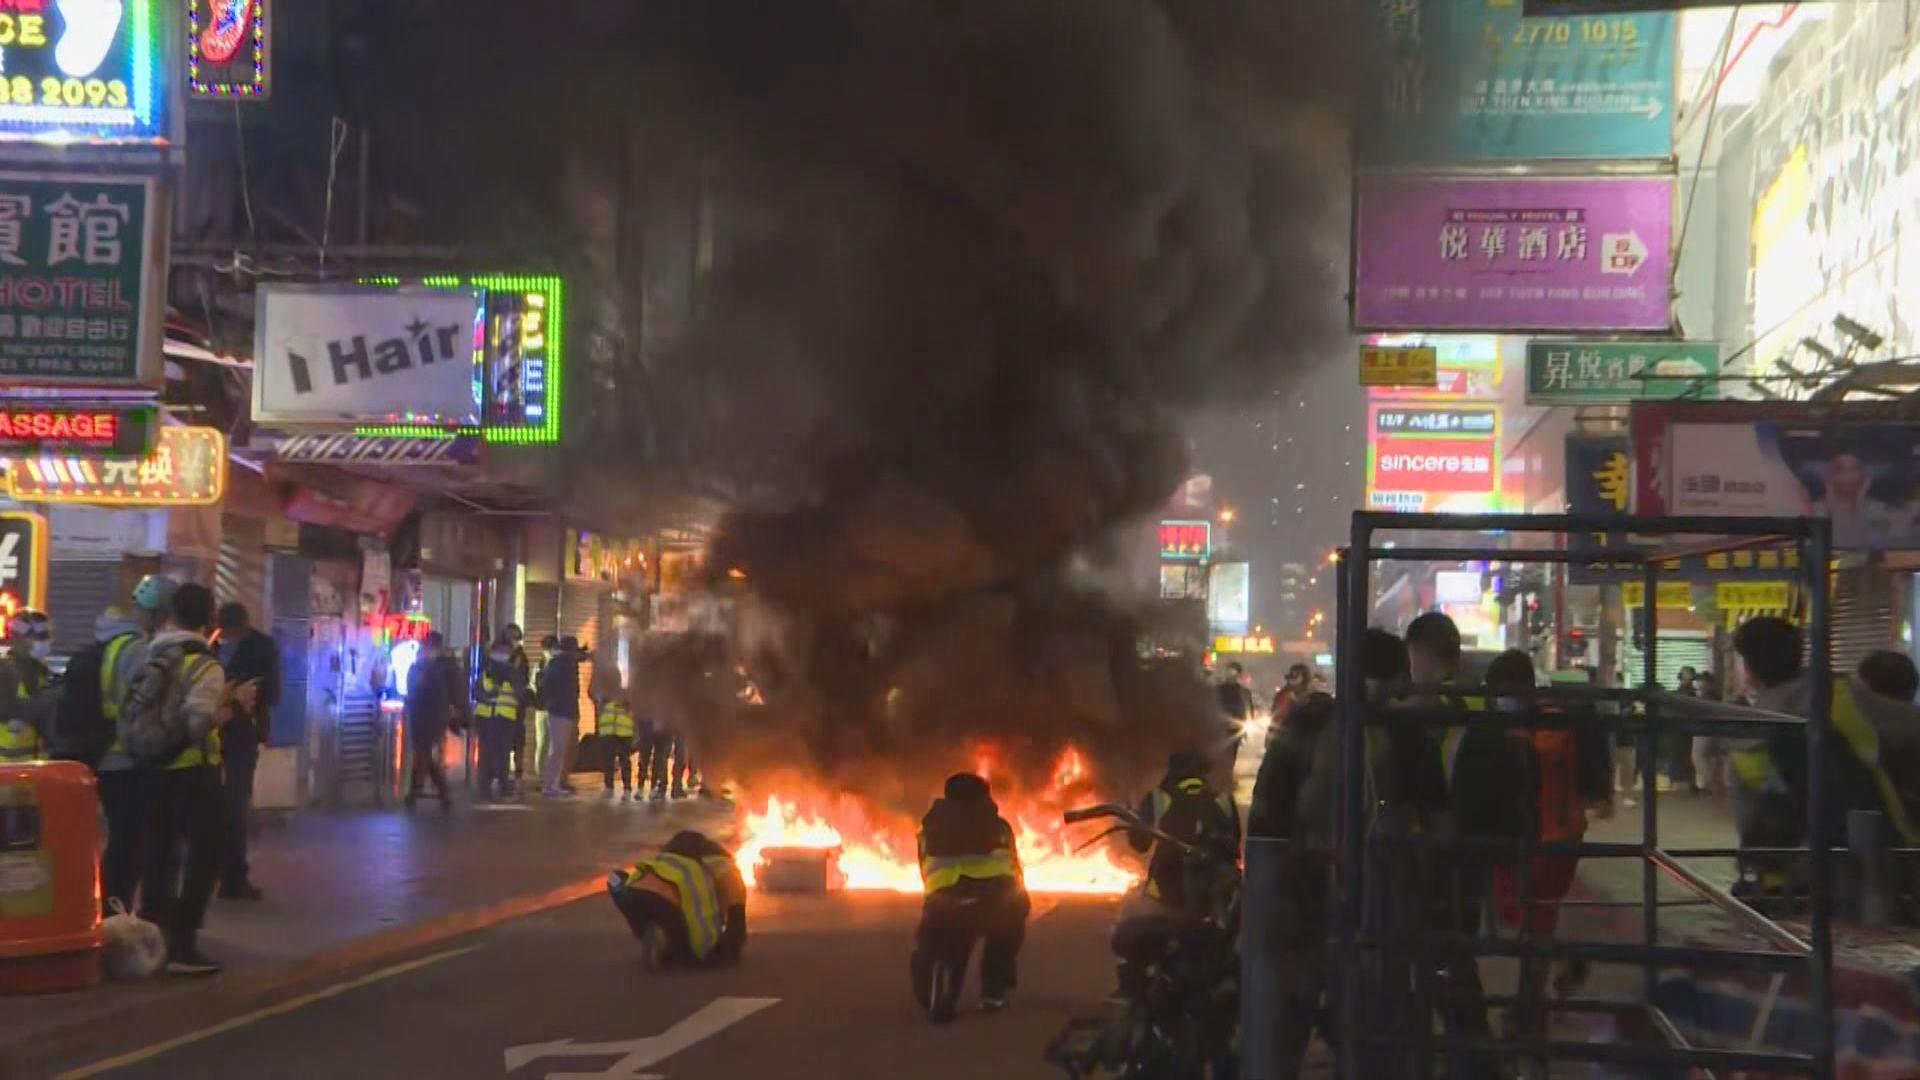 山東街有雜物堵路及起火 防暴到場截查多人